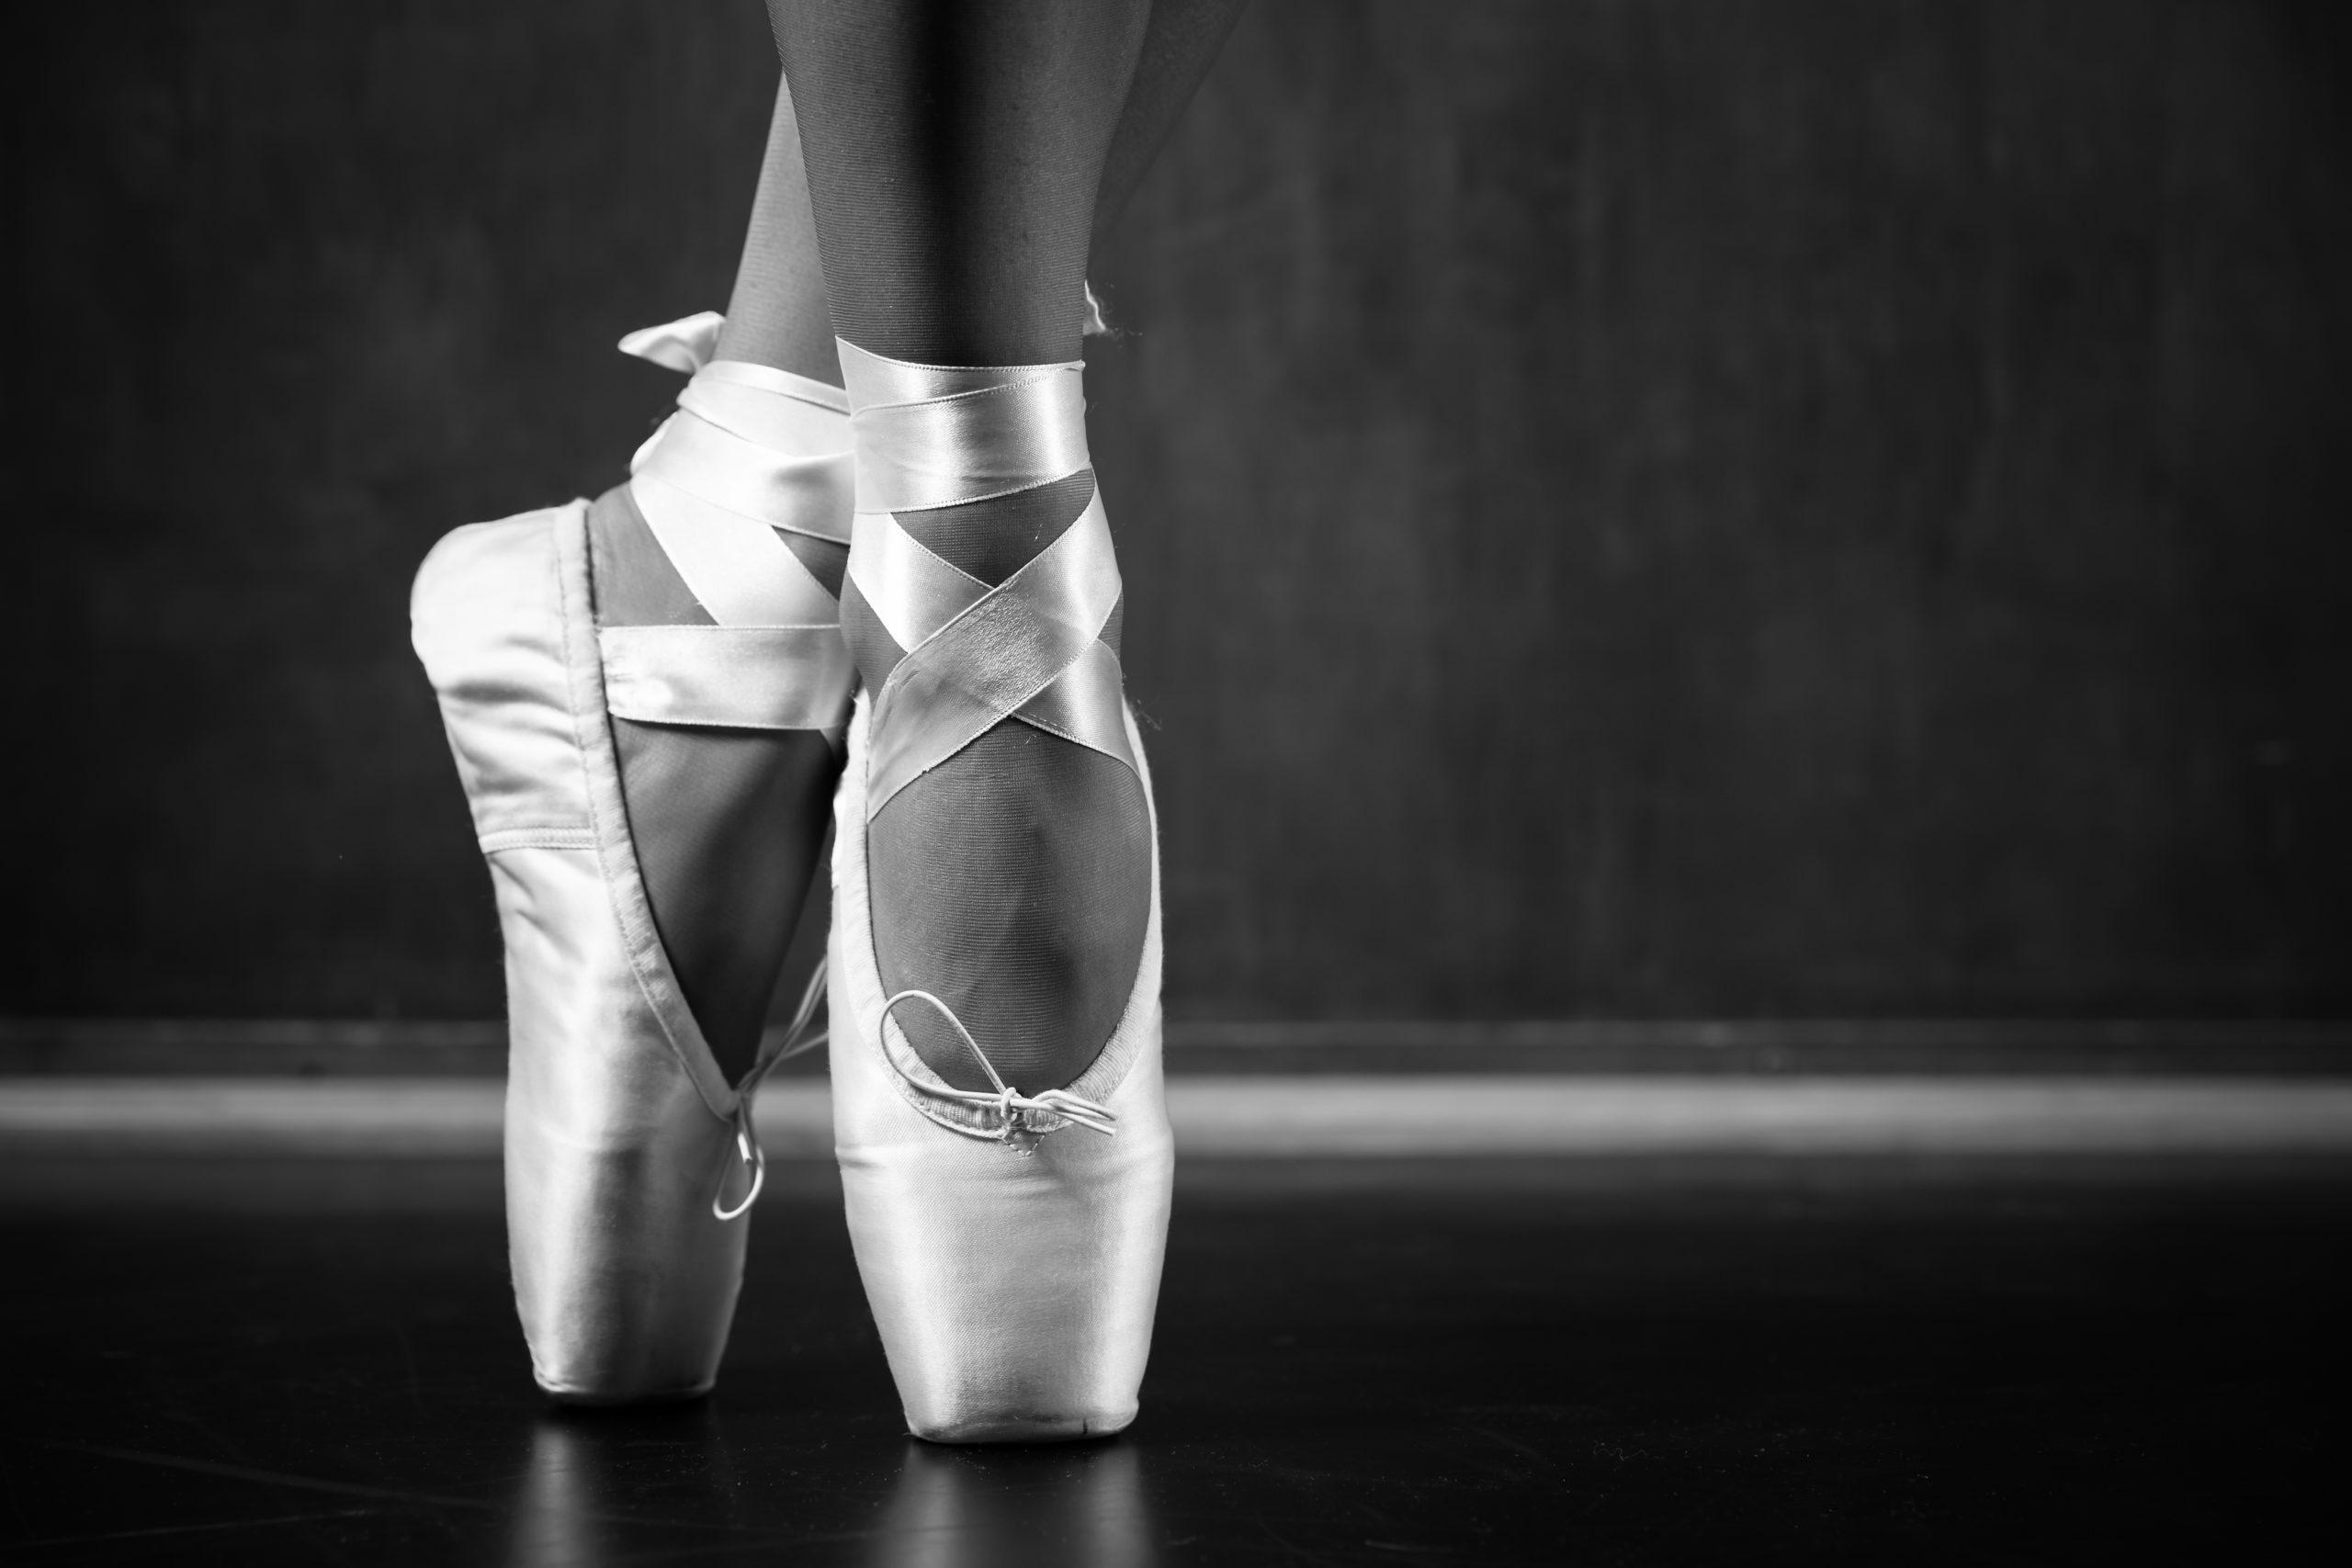 AskHQ: Ballerina syndrome